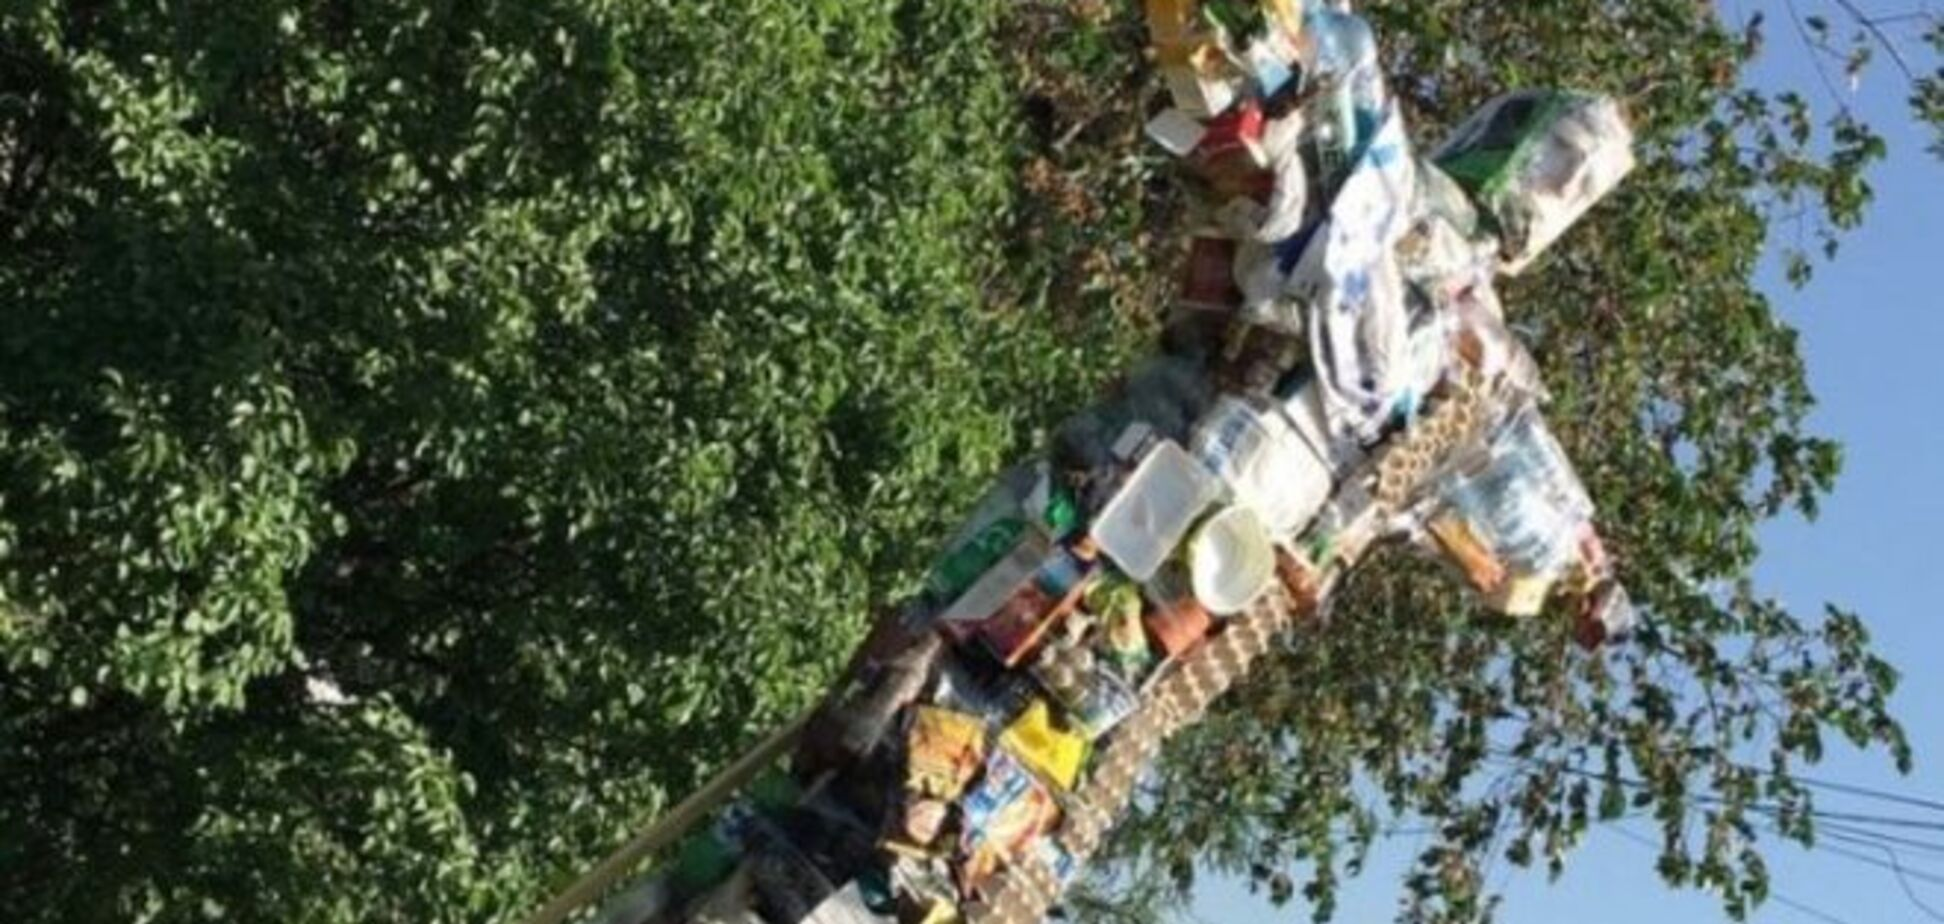 'След Госдепа'. В России создателей статуи мусорного Иисуса обвинили в экстремизме: фотофакт